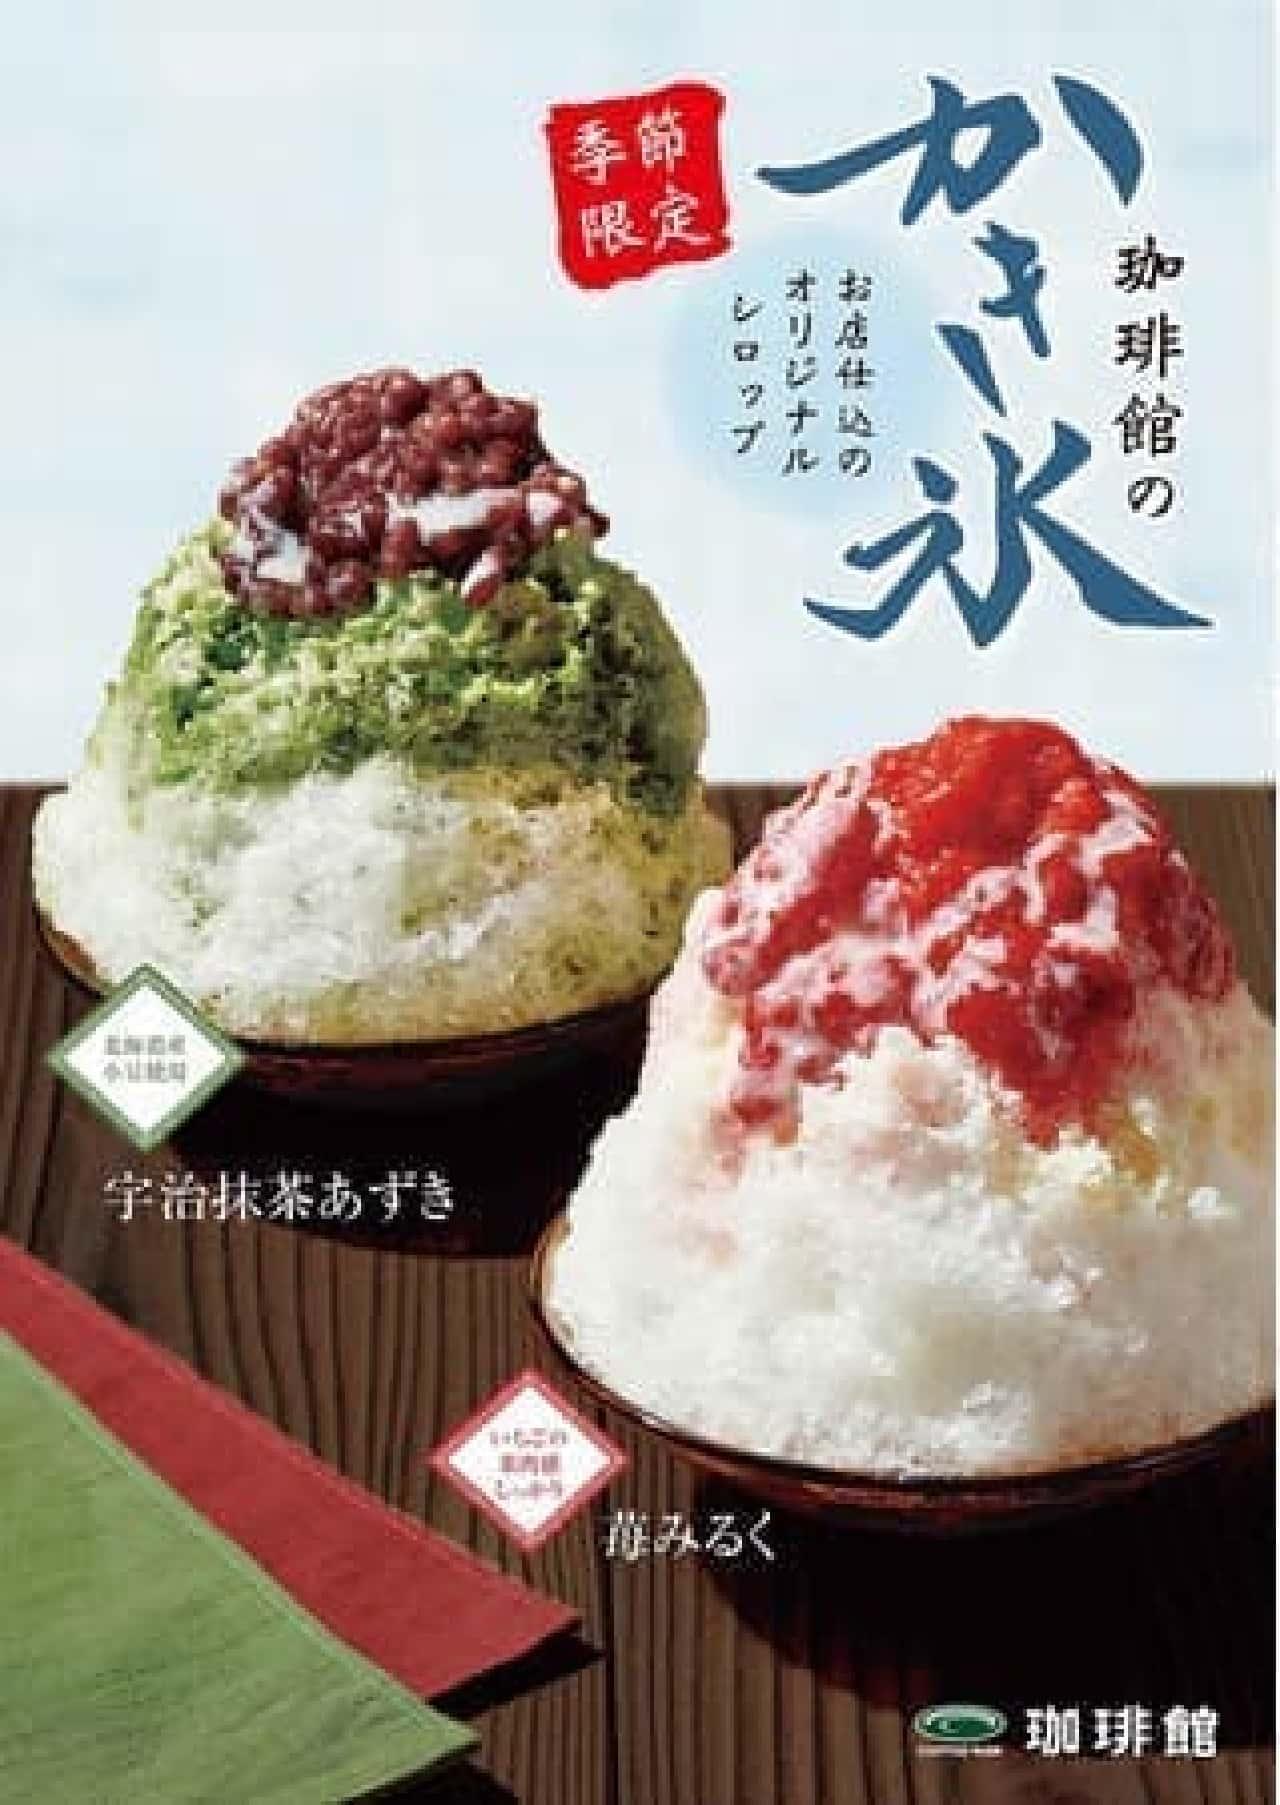 珈琲館「かき氷宇治抹茶あずき」「かき氷苺みるく」